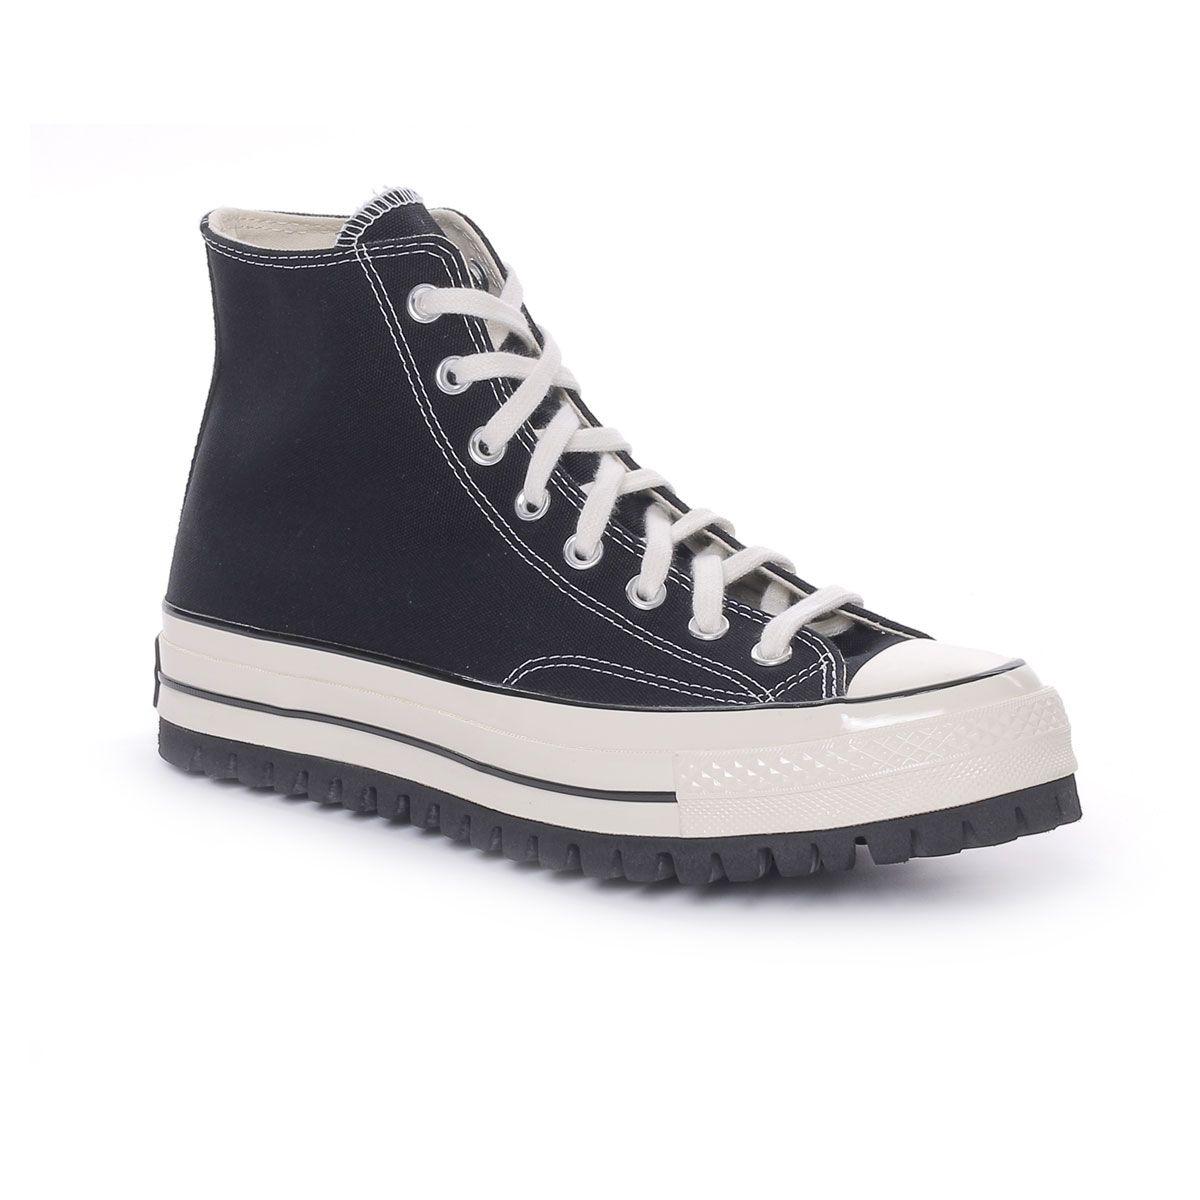 scarpe uomo converse all star